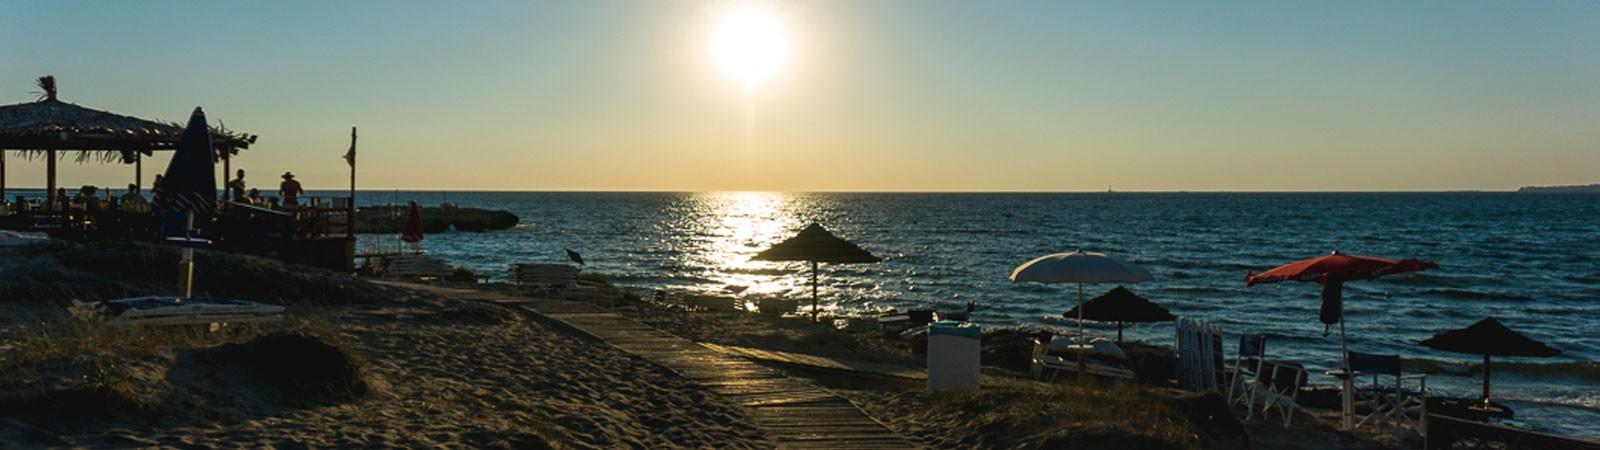 Giornata a Punta della Suina - Gallipoli